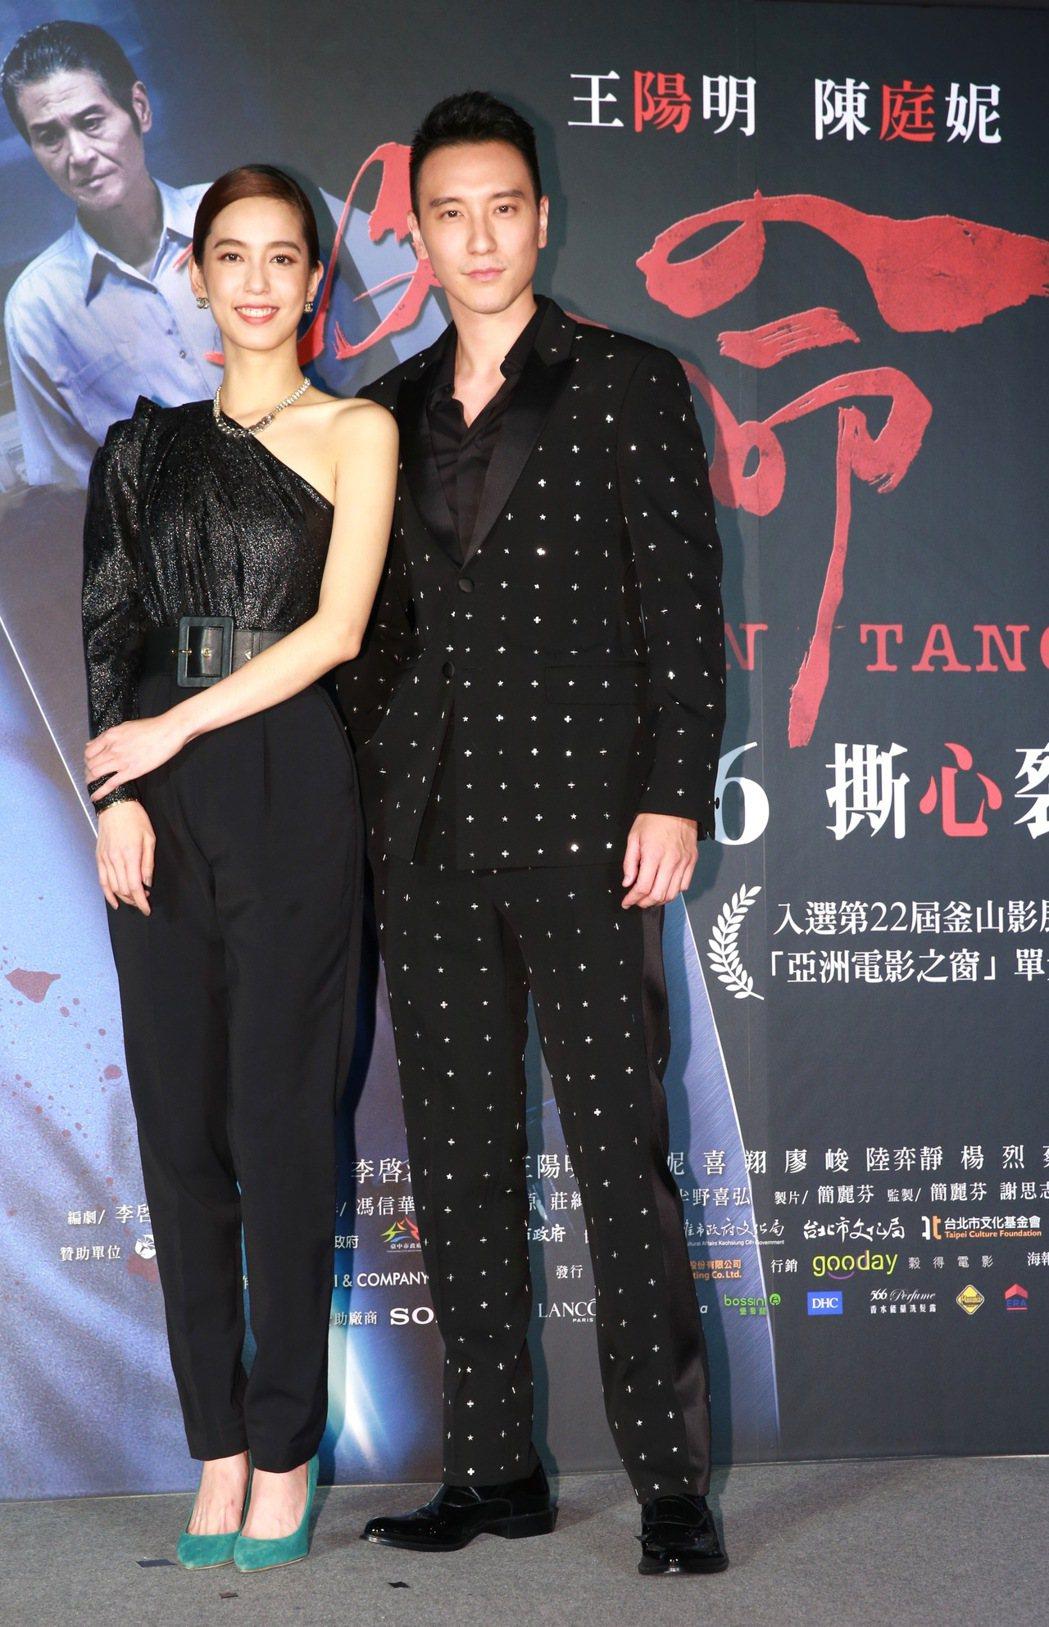 犯罪懸疑電影「盜命師」舉行台北首映會,男主角王陽明(右)、女主角陳庭妮(左),出...